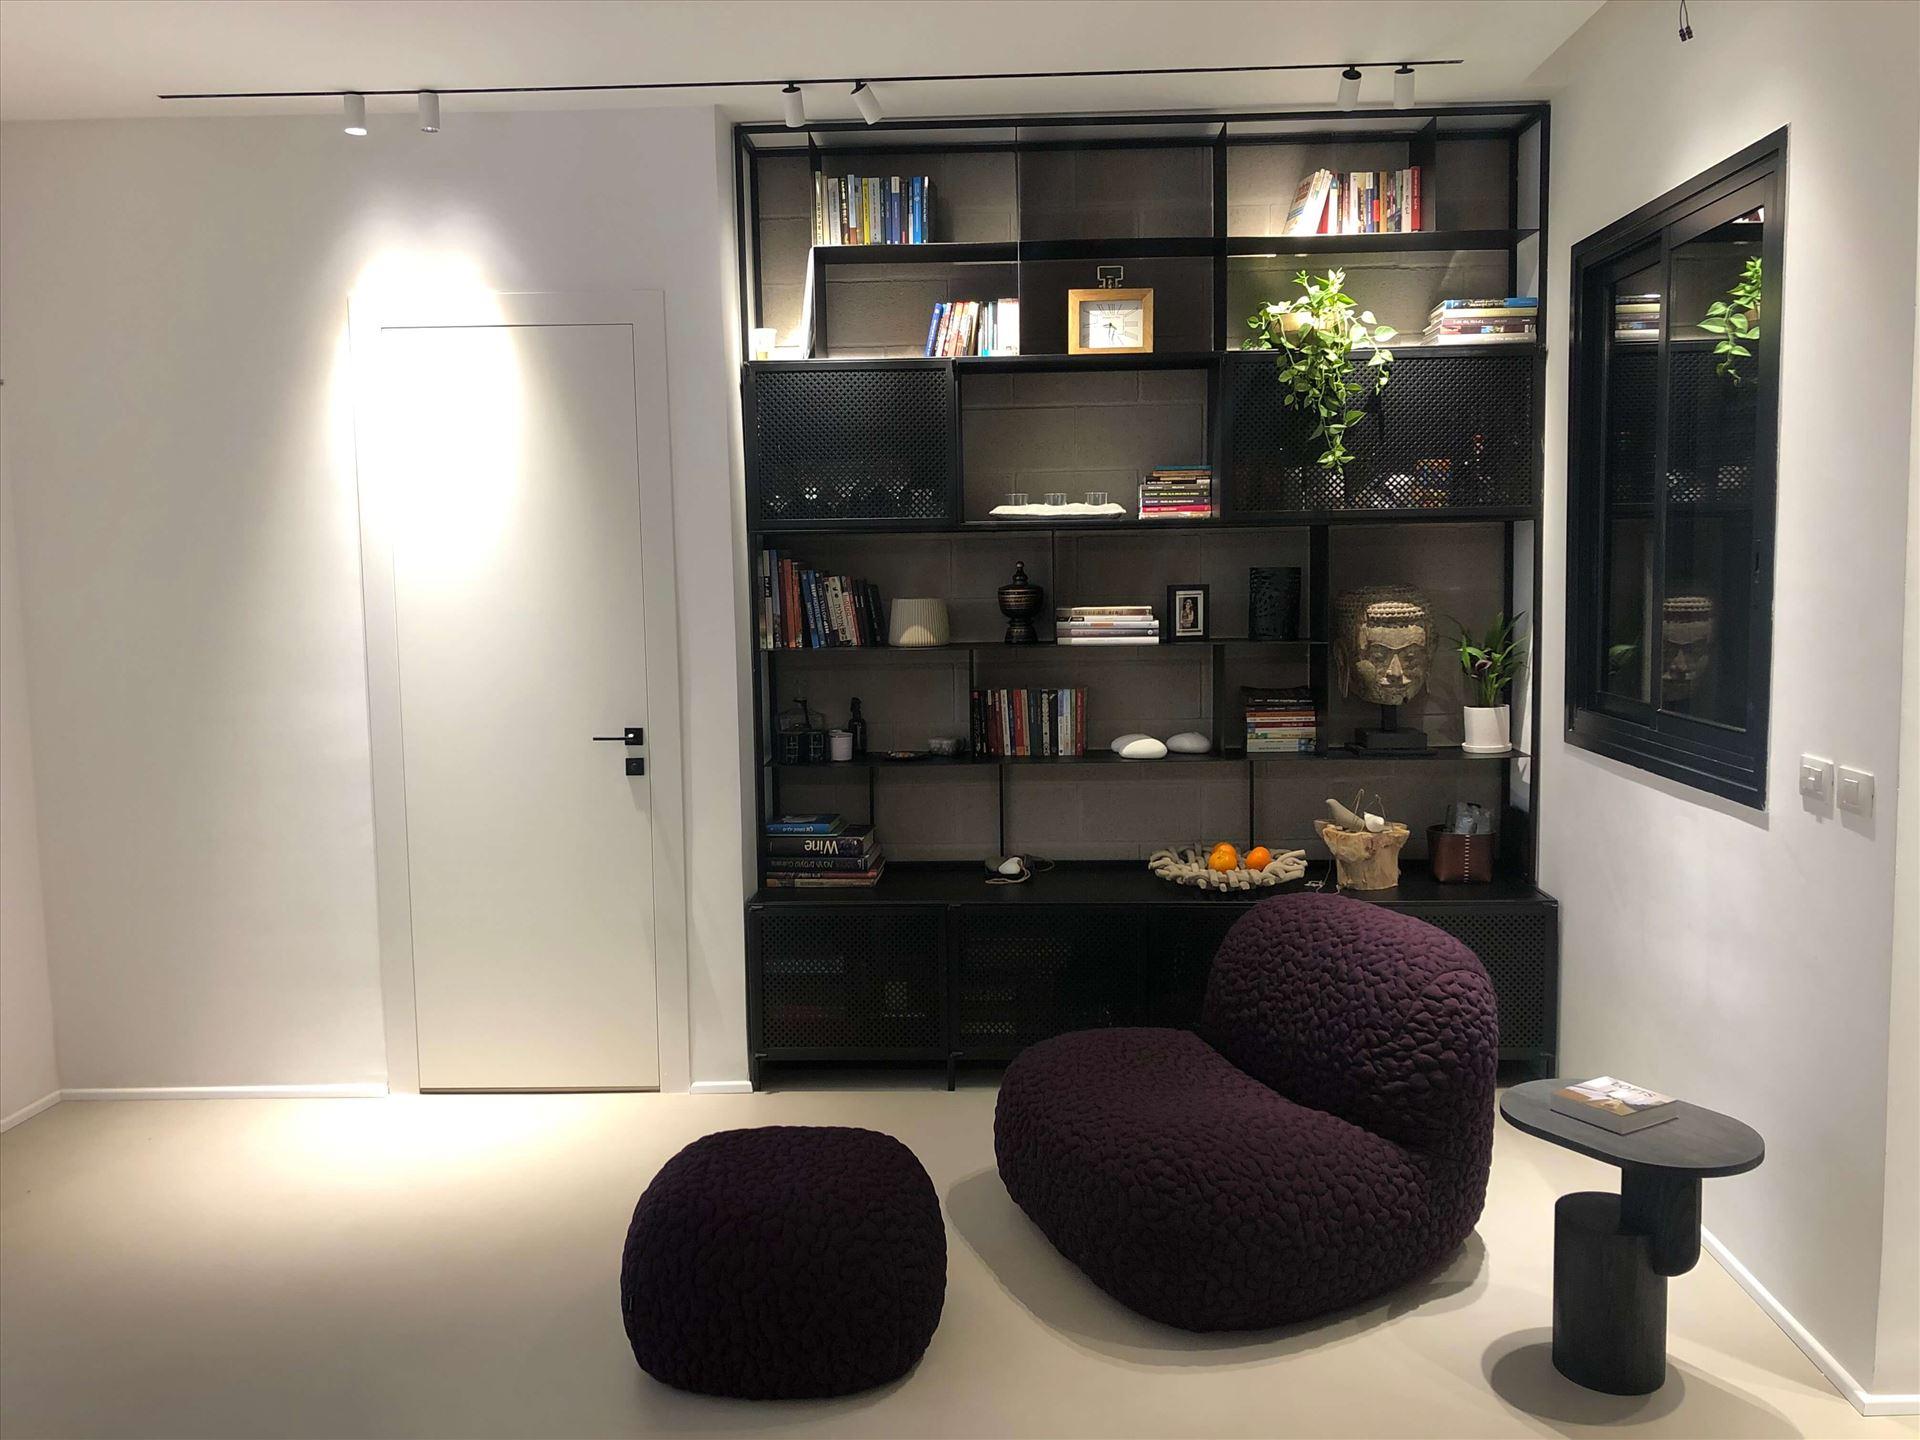 ספריה מעוצבת לחדר מבית עוז סטיל